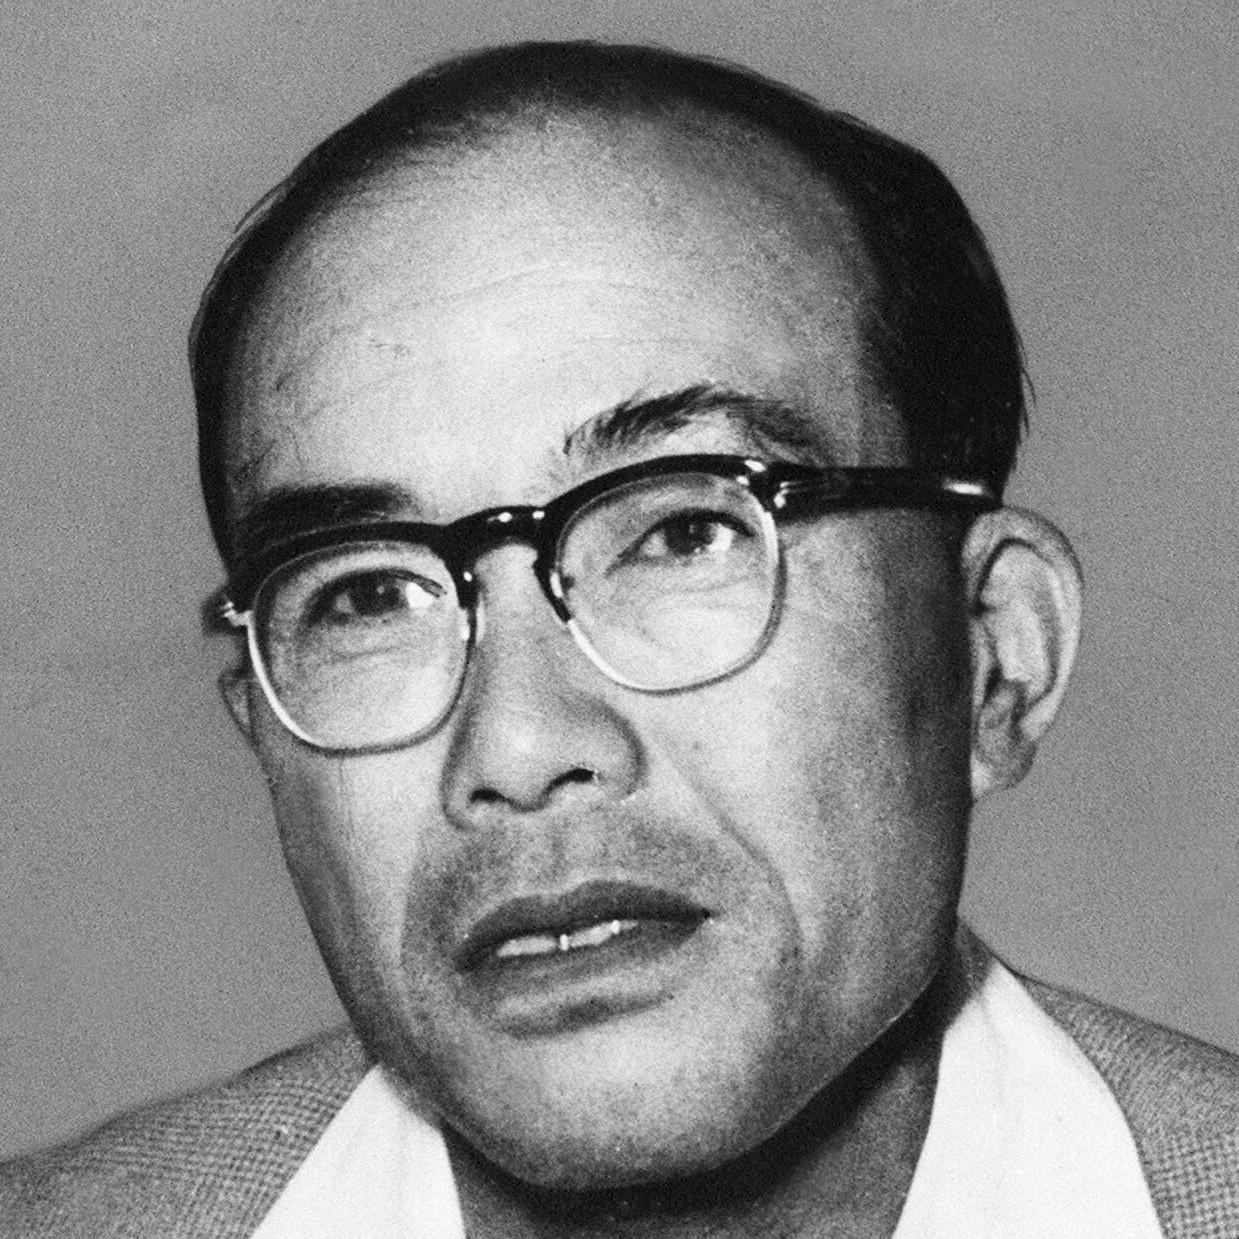 本田宗一郎が怒鳴った部下、怒鳴らなかった部下「進歩とは反省の痛みの深さに正比例する」